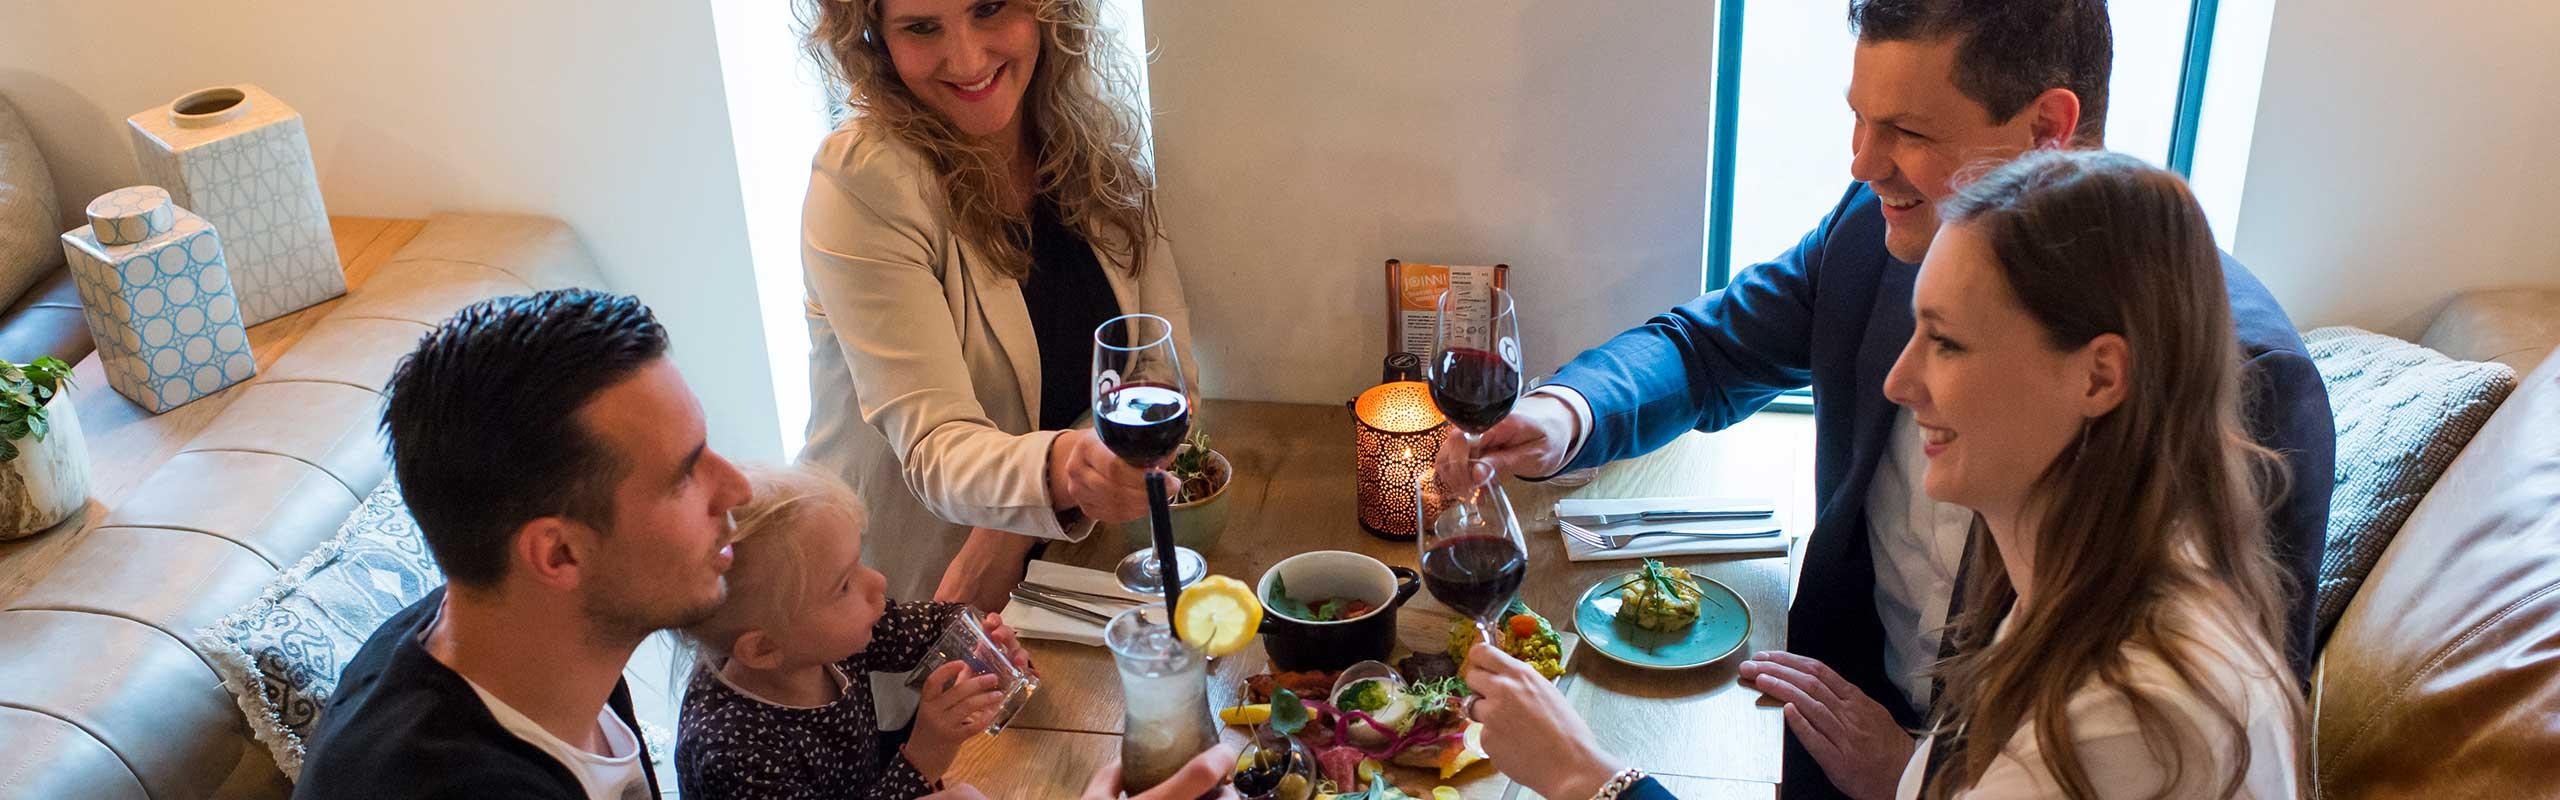 Lunch, dineer en borrel in een heerlijke lounge sfeer